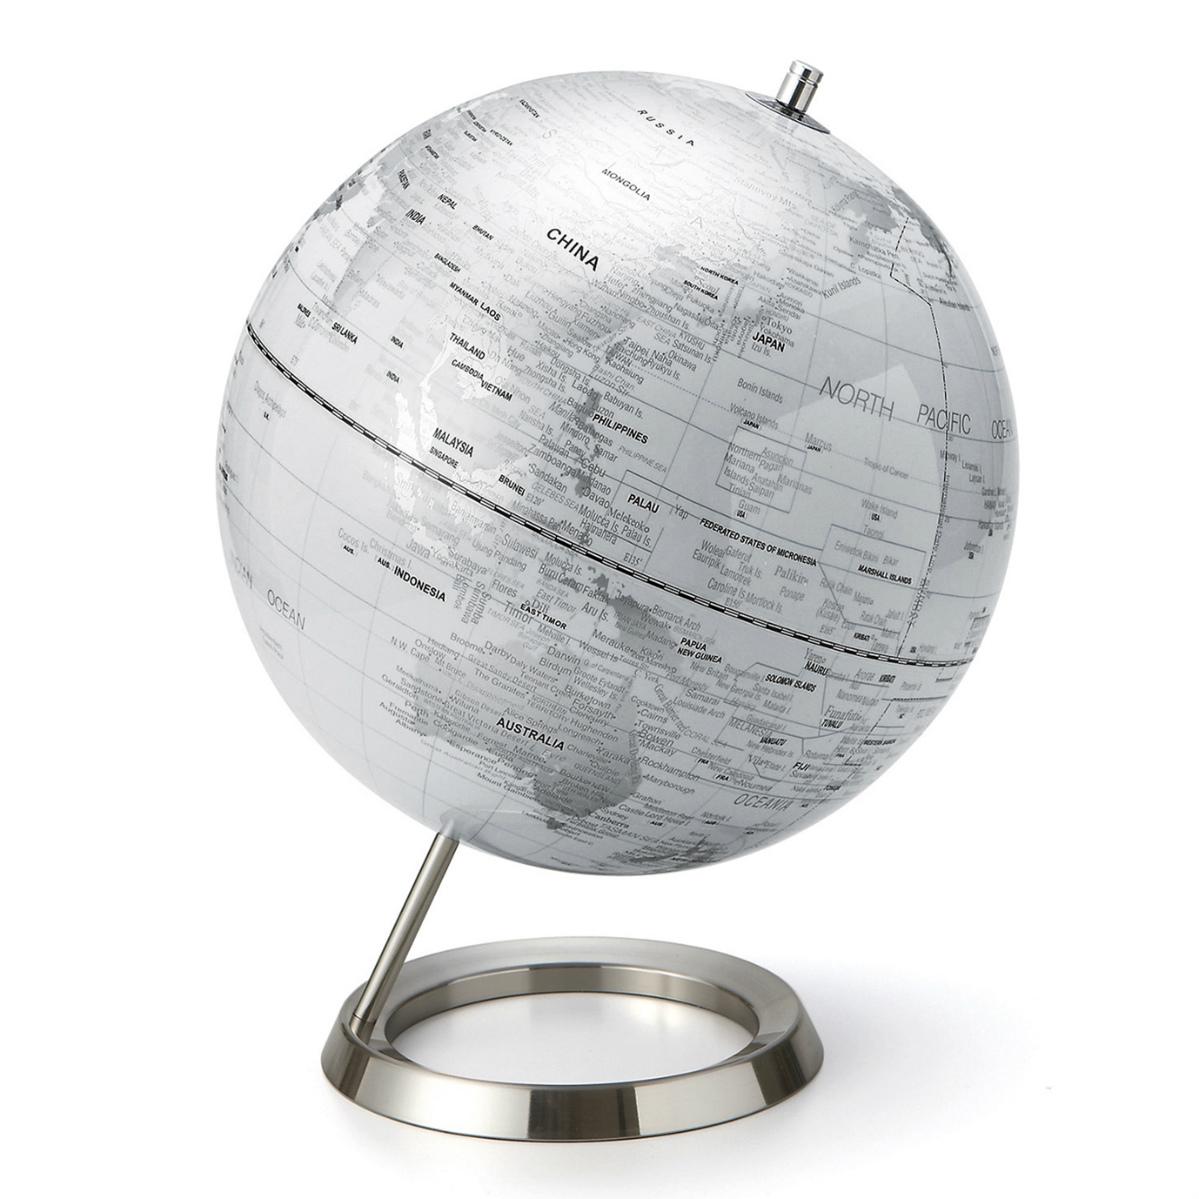 【1/16迄エントリーでP10倍】【代引き不可】【納期指定不可】【Interio Globe Collection】地球儀S 12インチ ホワイト